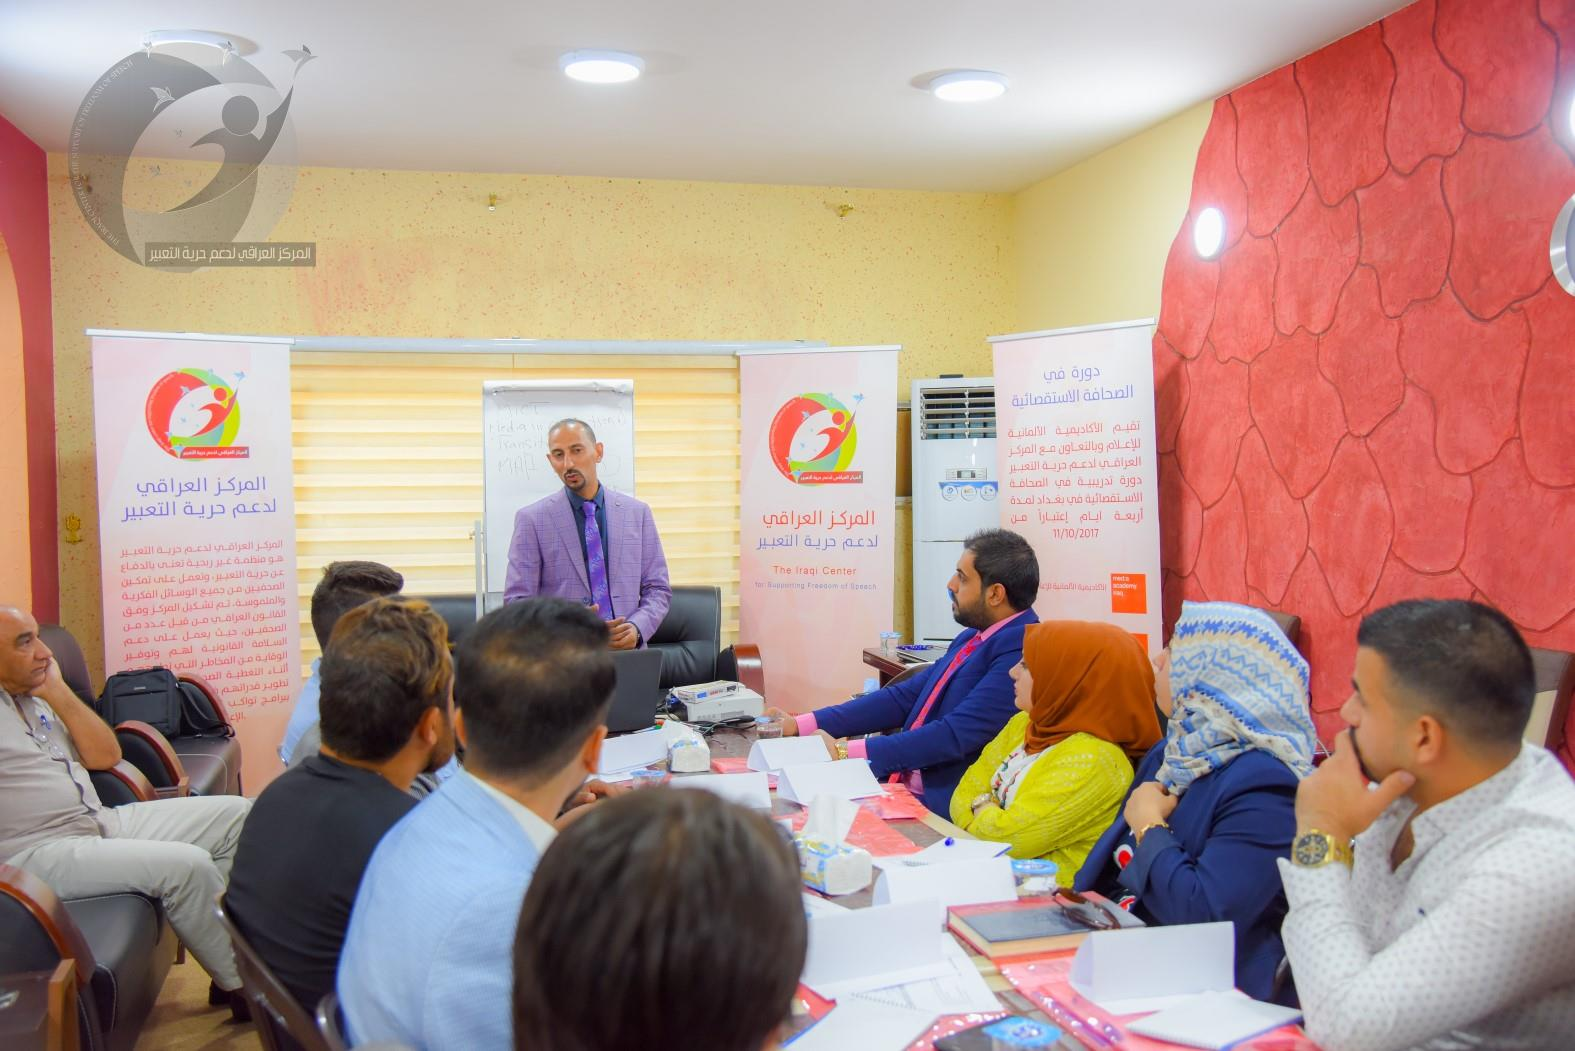 برعاية المركز العراقي لدعم حرية التعبير.. صحفيون يتلقون تدريبا  مكثفا  في الصحافة الاستقصائية